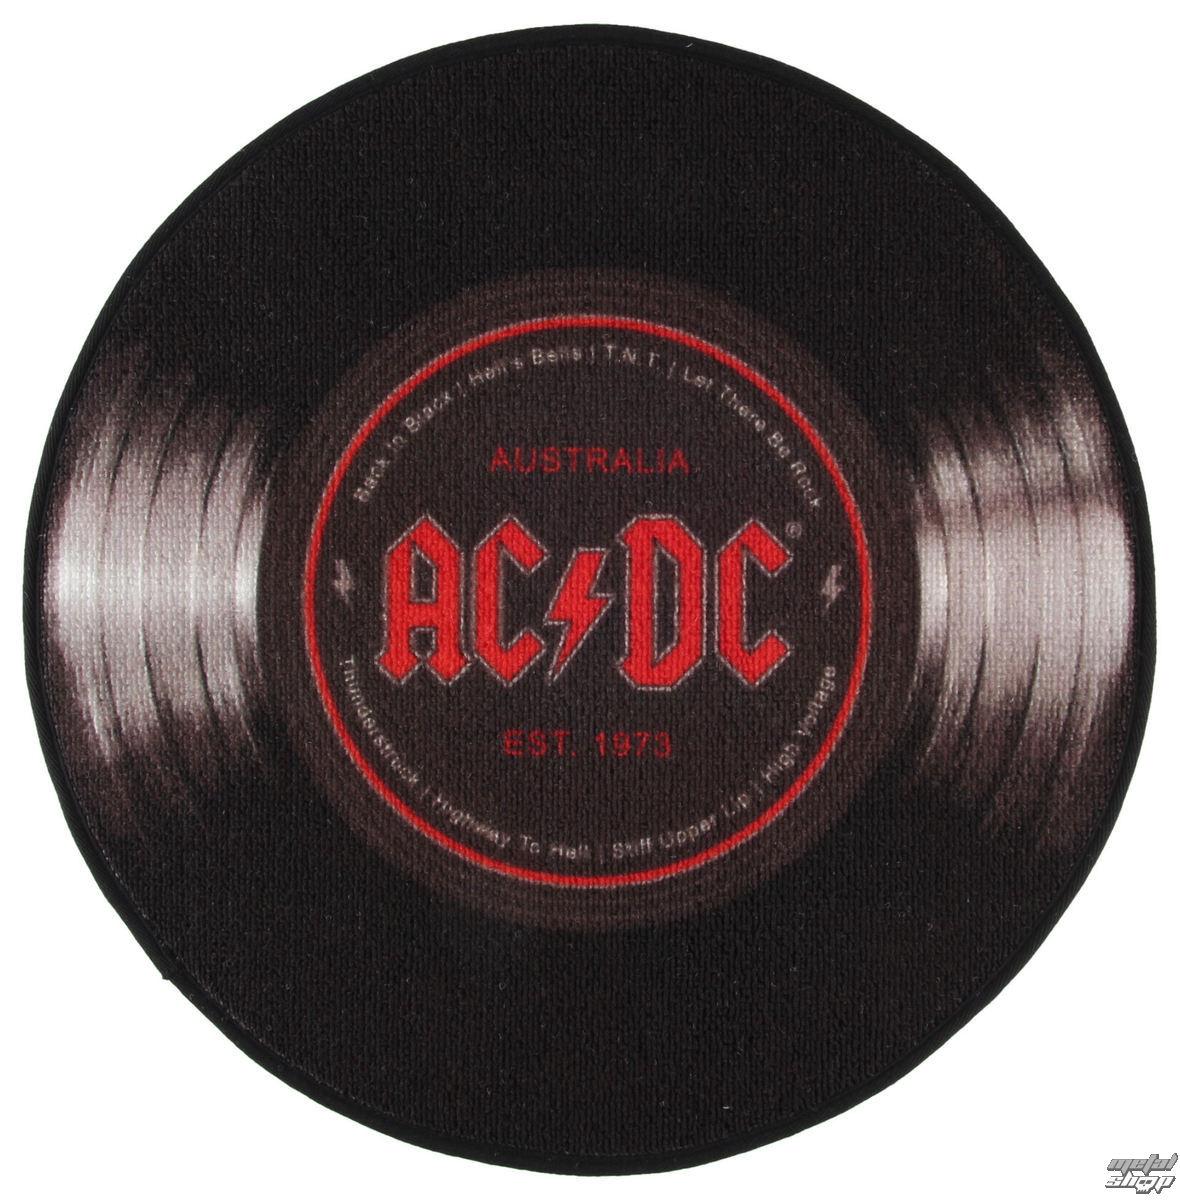 3b13515d17751d Fußmatte AC DC - Schallplatte - ROCKBITES - 100846 - Metalshop.de